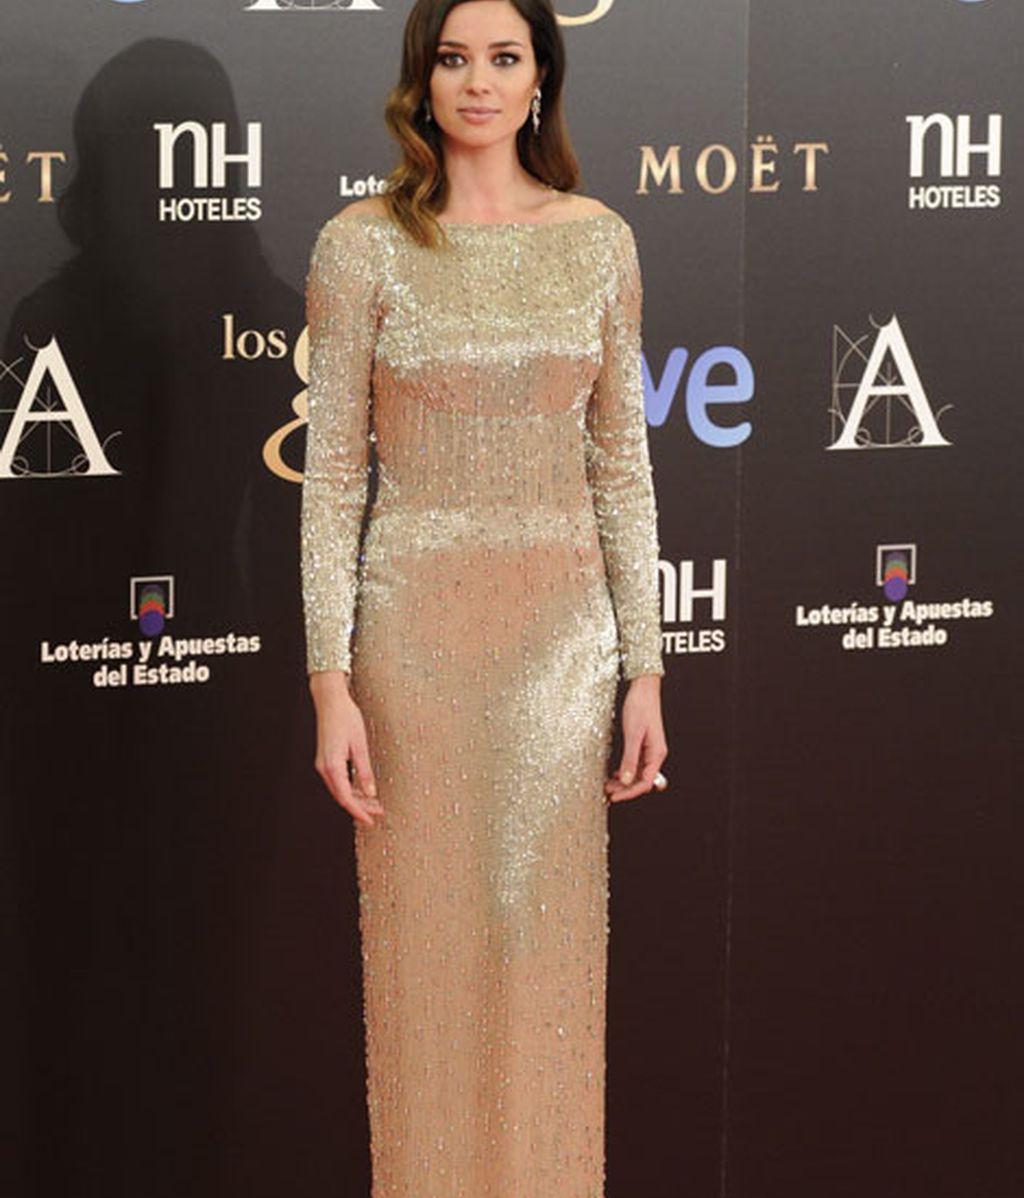 Vestido largo de gala de Dafne Fernández